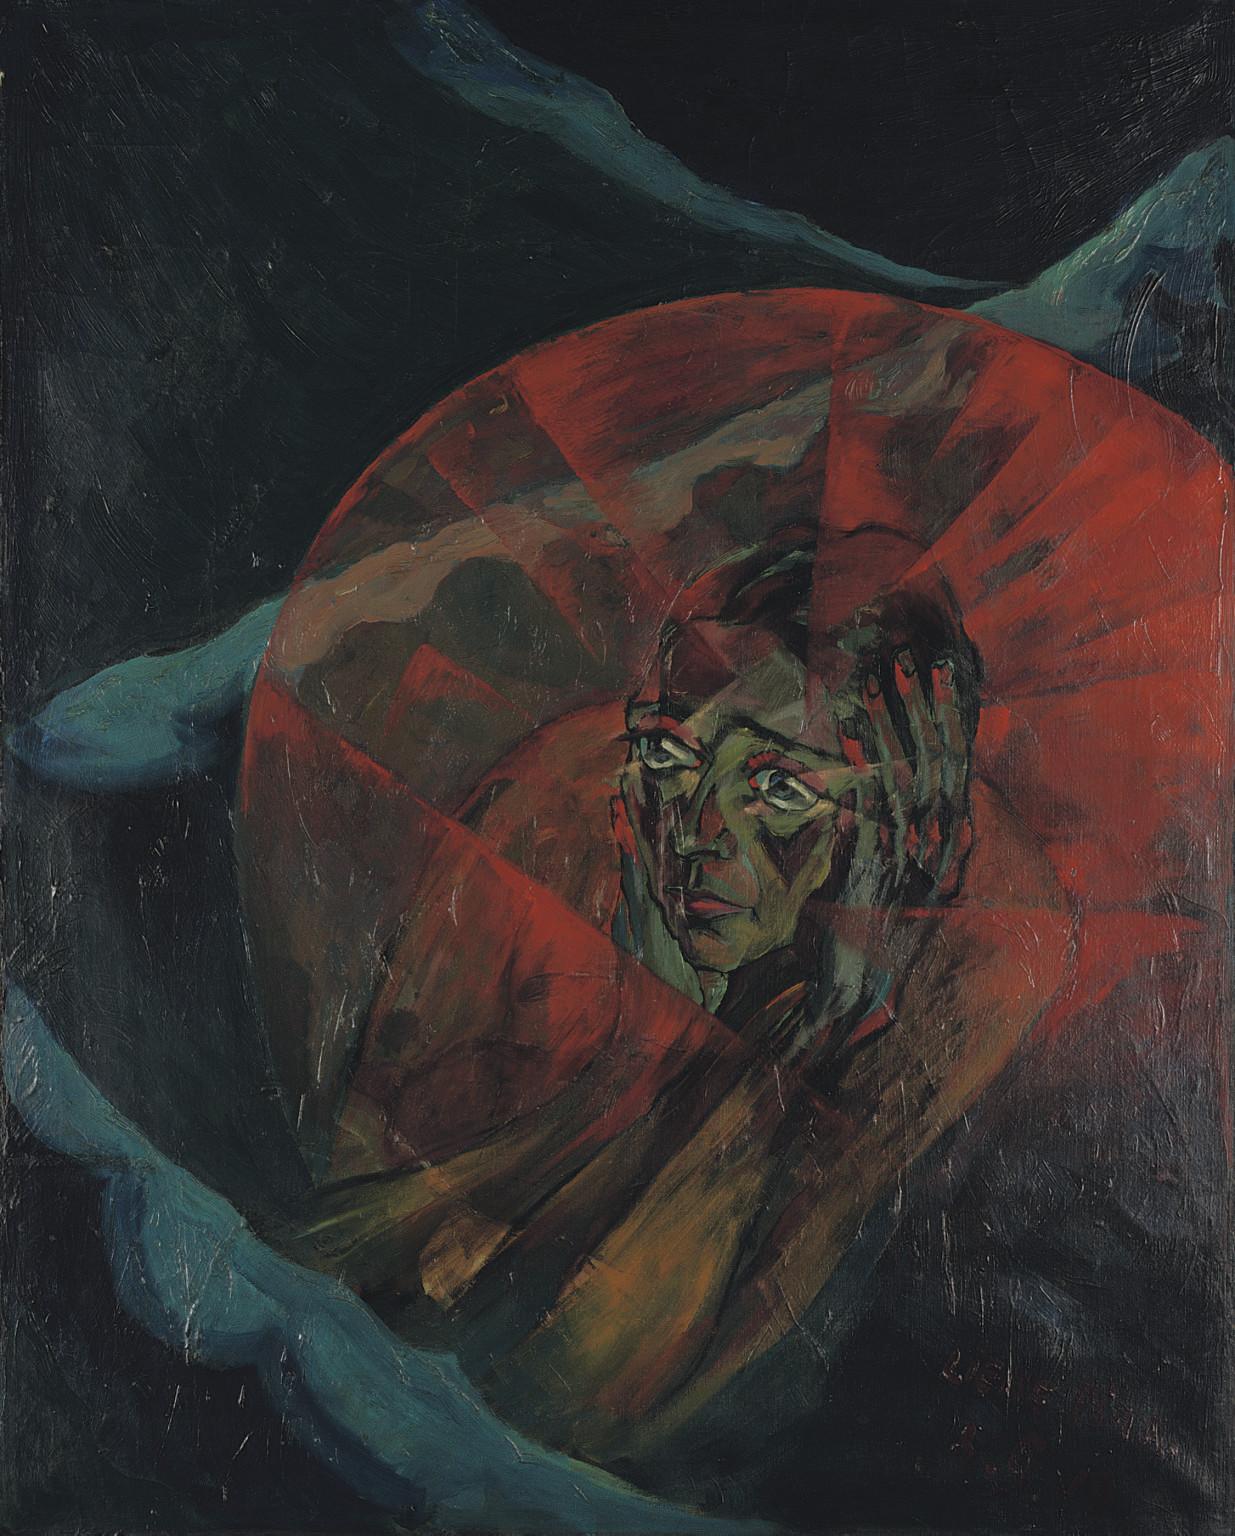 Walter Gramatté (German, 1897-